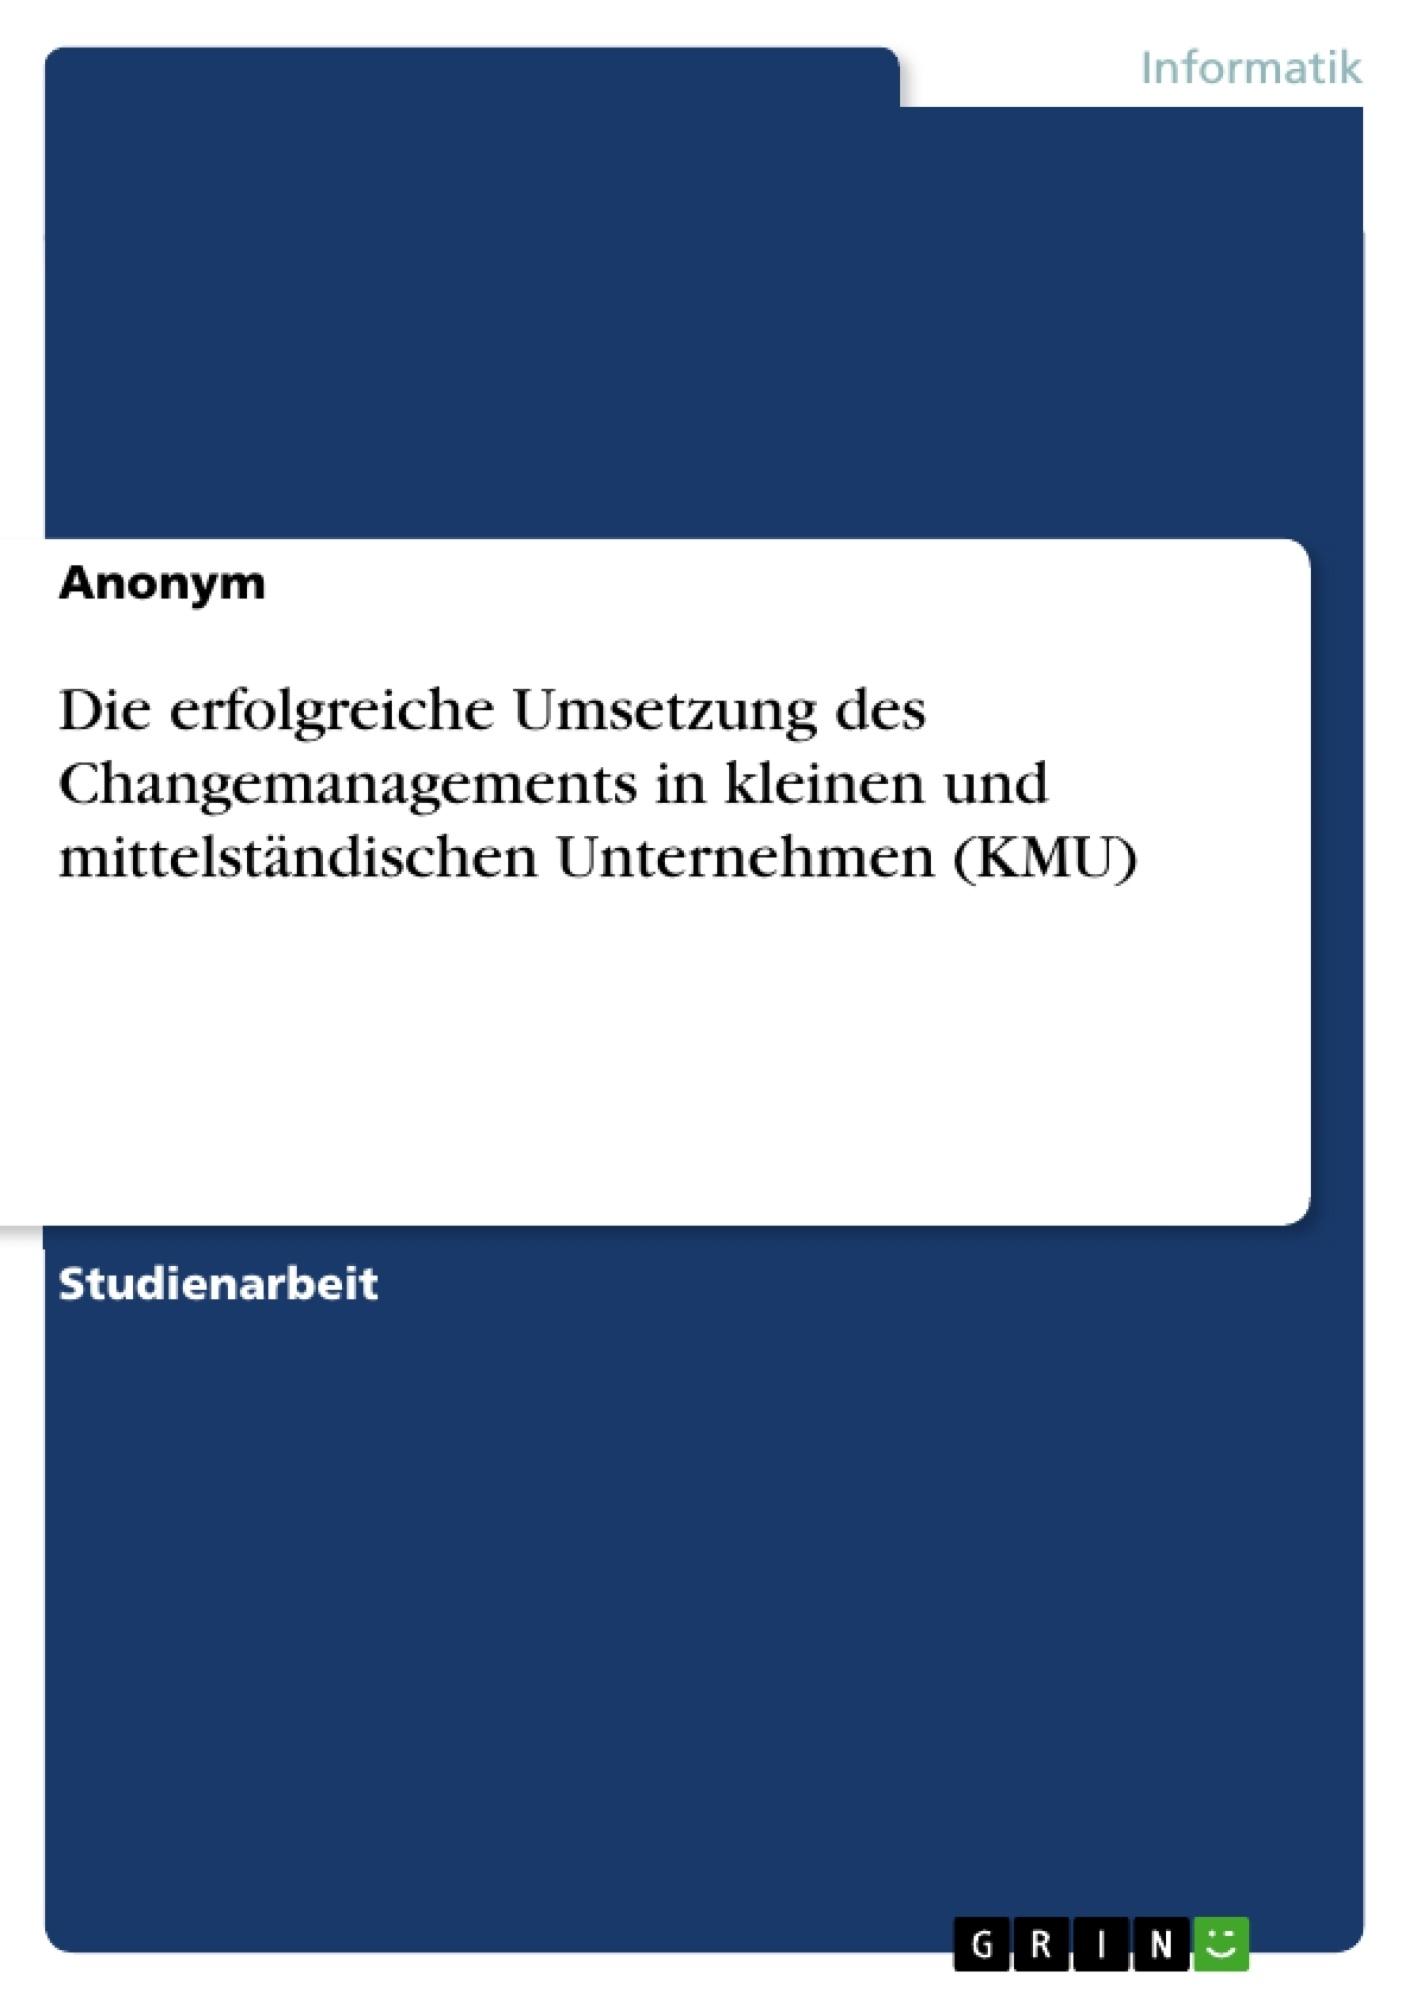 Titel: Die erfolgreiche Umsetzung des Changemanagements in kleinen und mittelständischen Unternehmen (KMU)